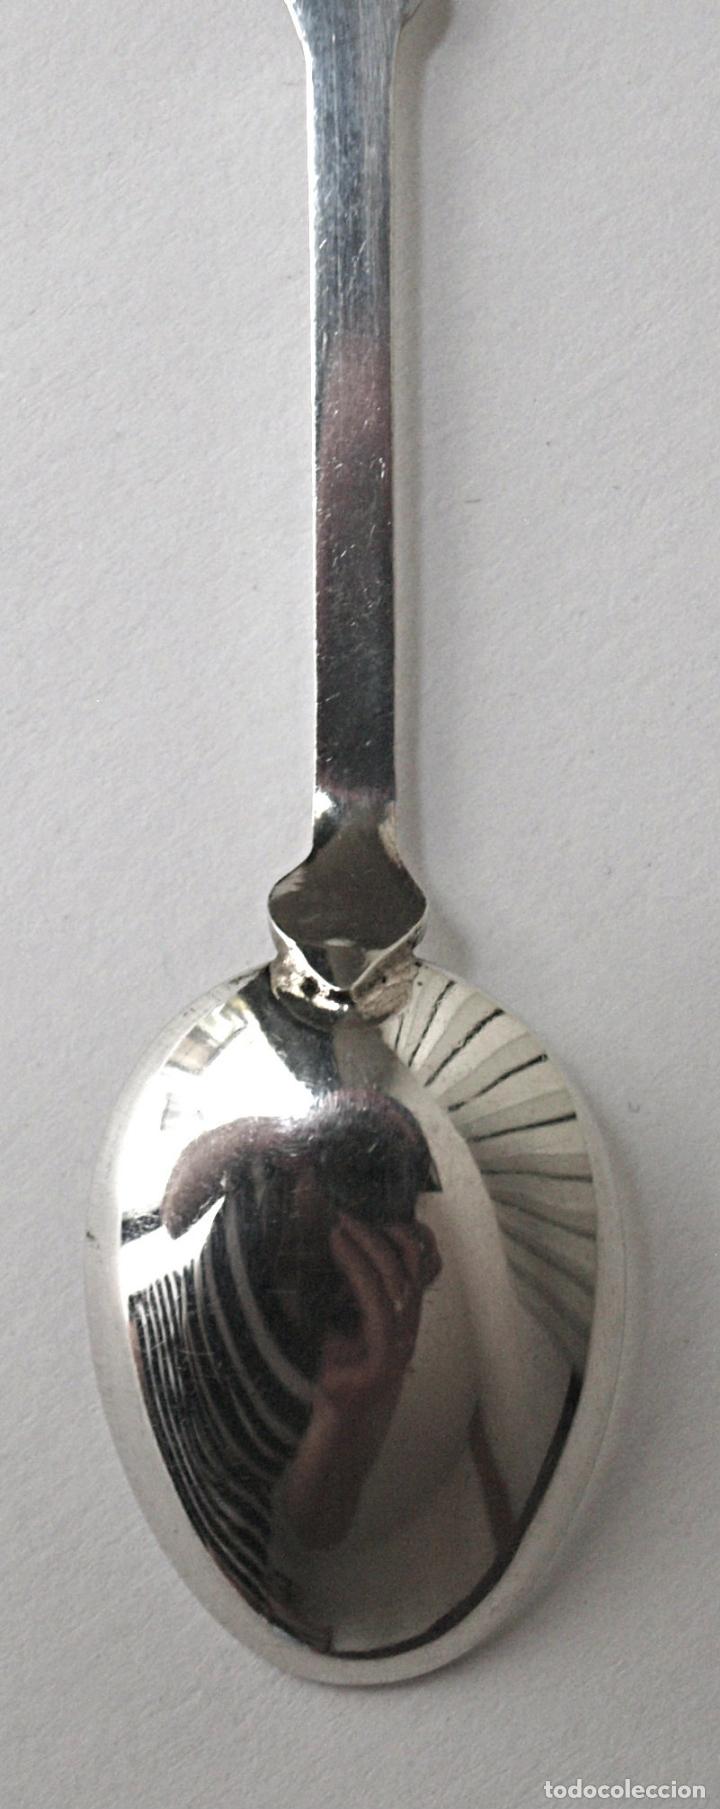 Antigüedades: CUCHARA CUCHARILLA BRUNNEN DE PLATA DE LEY 800 CONTRASTADA. 10 CM LARGO. 9,5 GRAMOS. VER FOTOS Y MAS - Foto 7 - 171650472